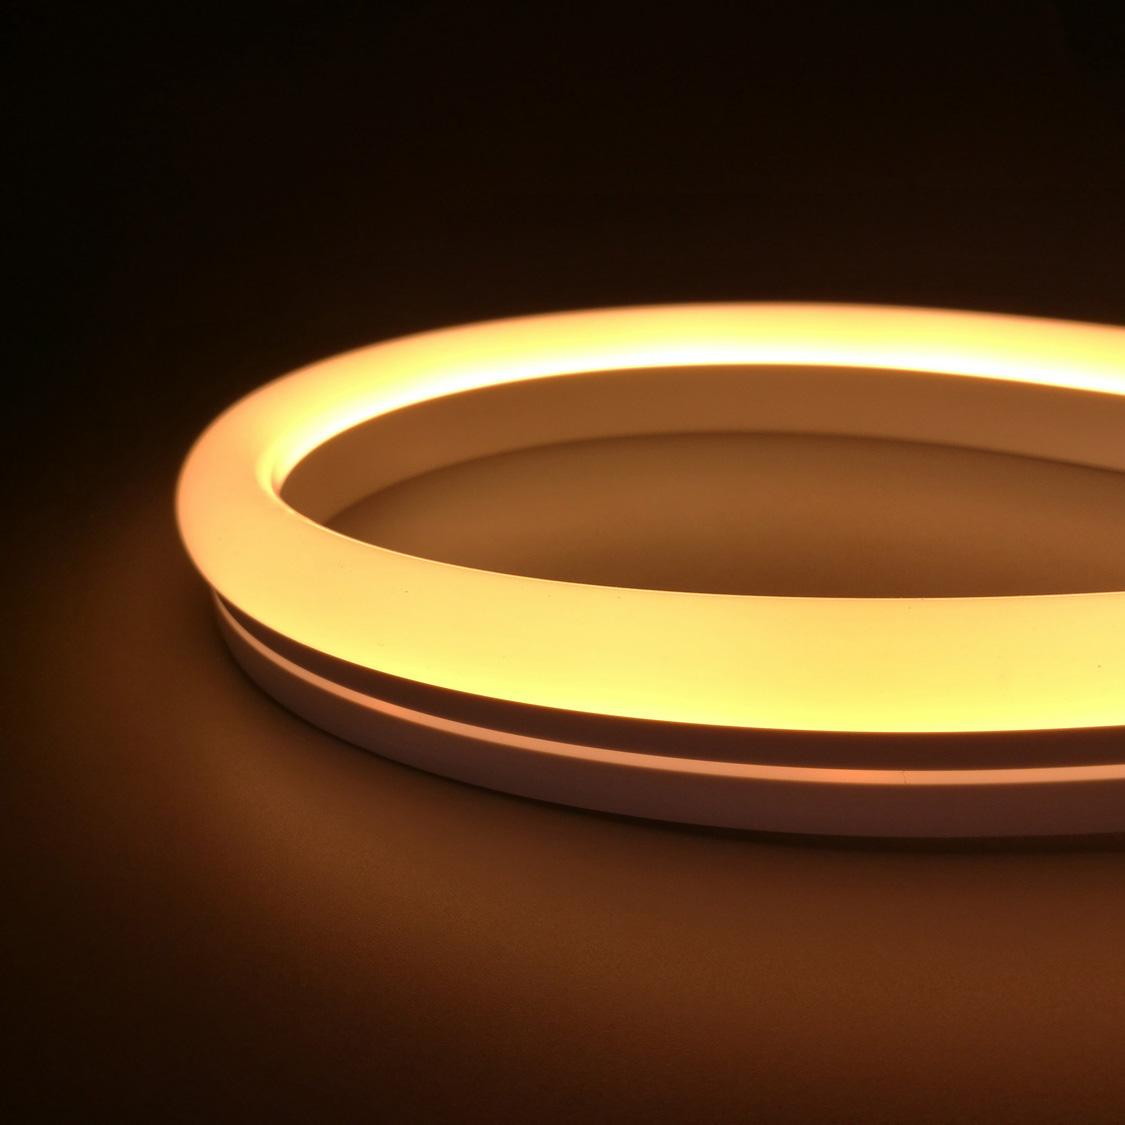 Flexible Dotless LED Neon Strip Lights LG10S1023_4